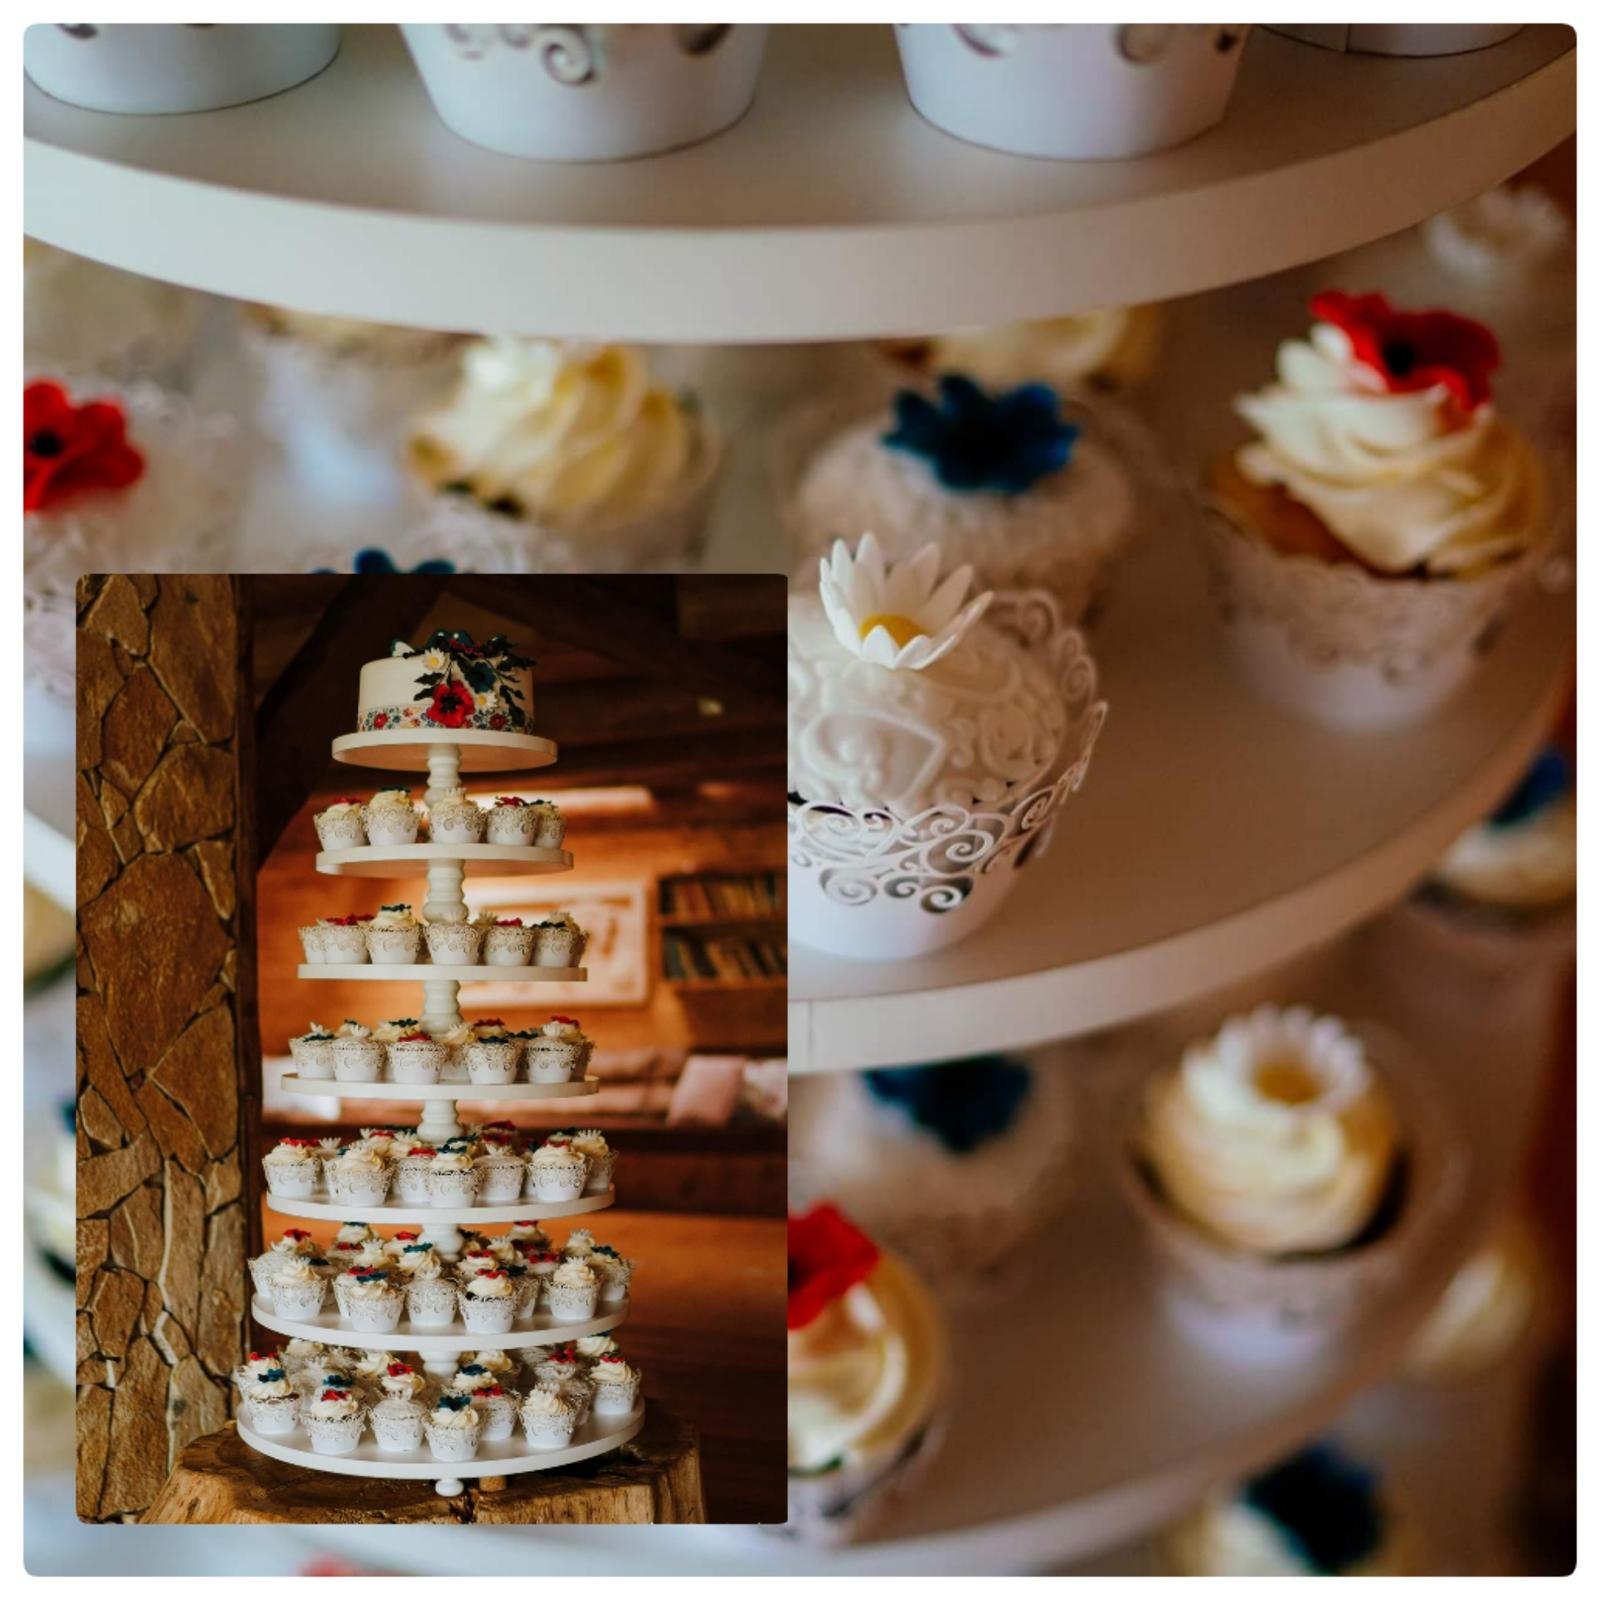 milsyd - 7-poschodový stojan plný folklórnych cupcakes s folklórnou tortou. Máme k zapožičaniu :)